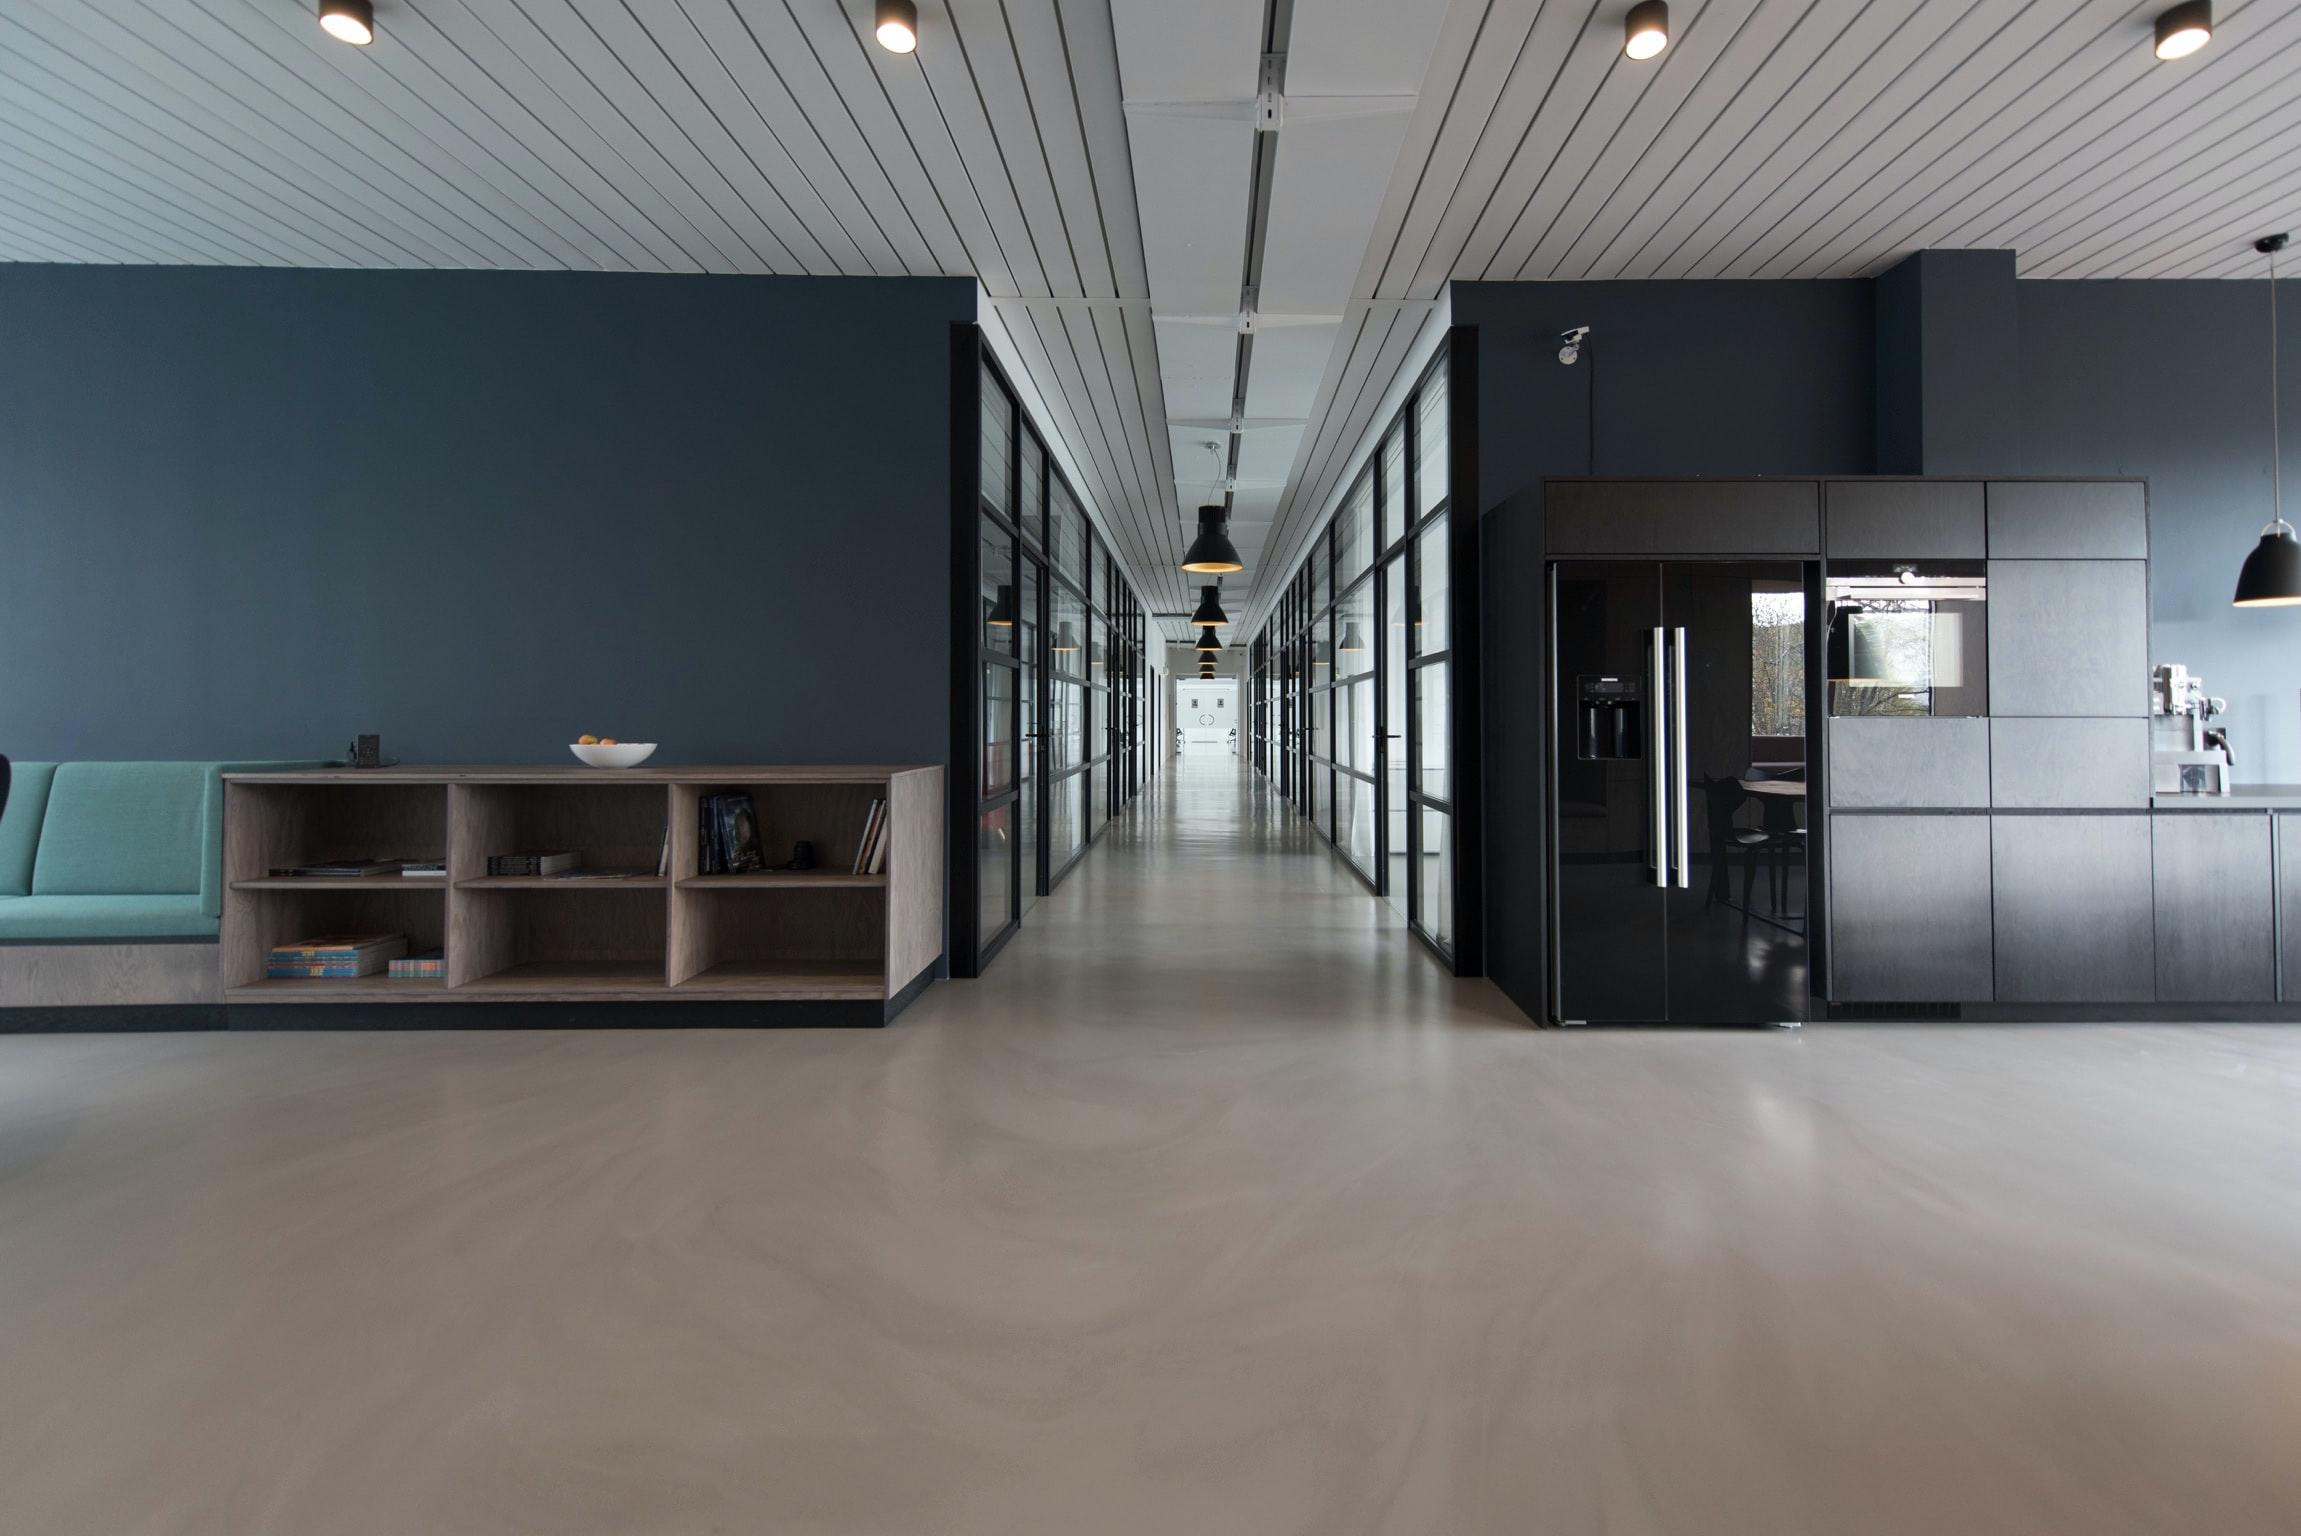 Imagem mostra uma ampla sala com um corredor ao fundo.